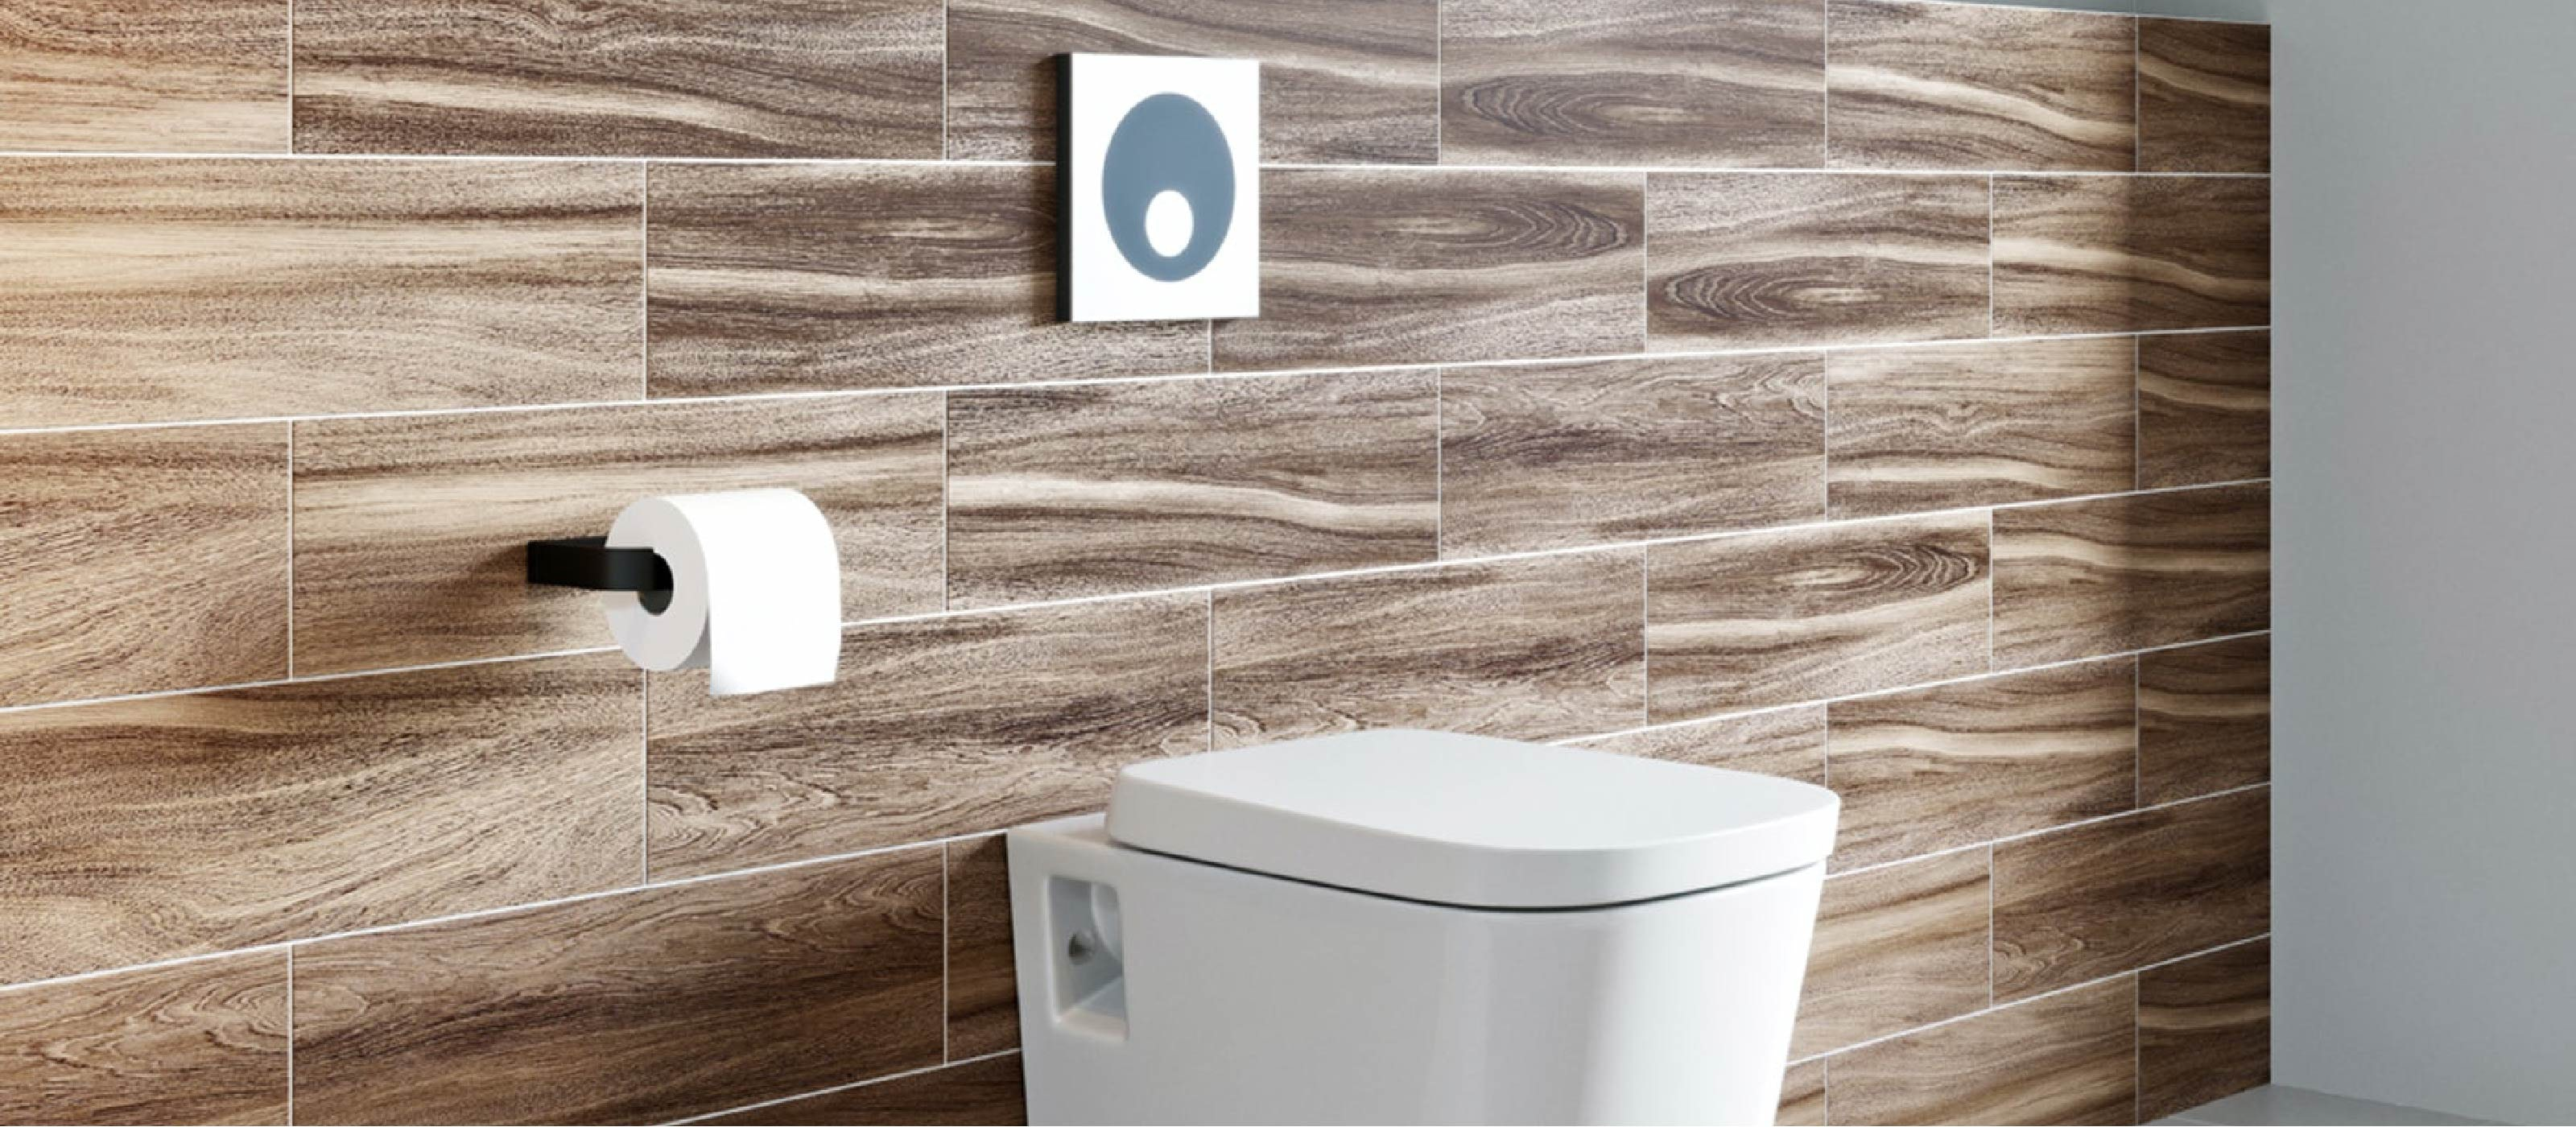 Choosing an im-press-ive toilet flush button